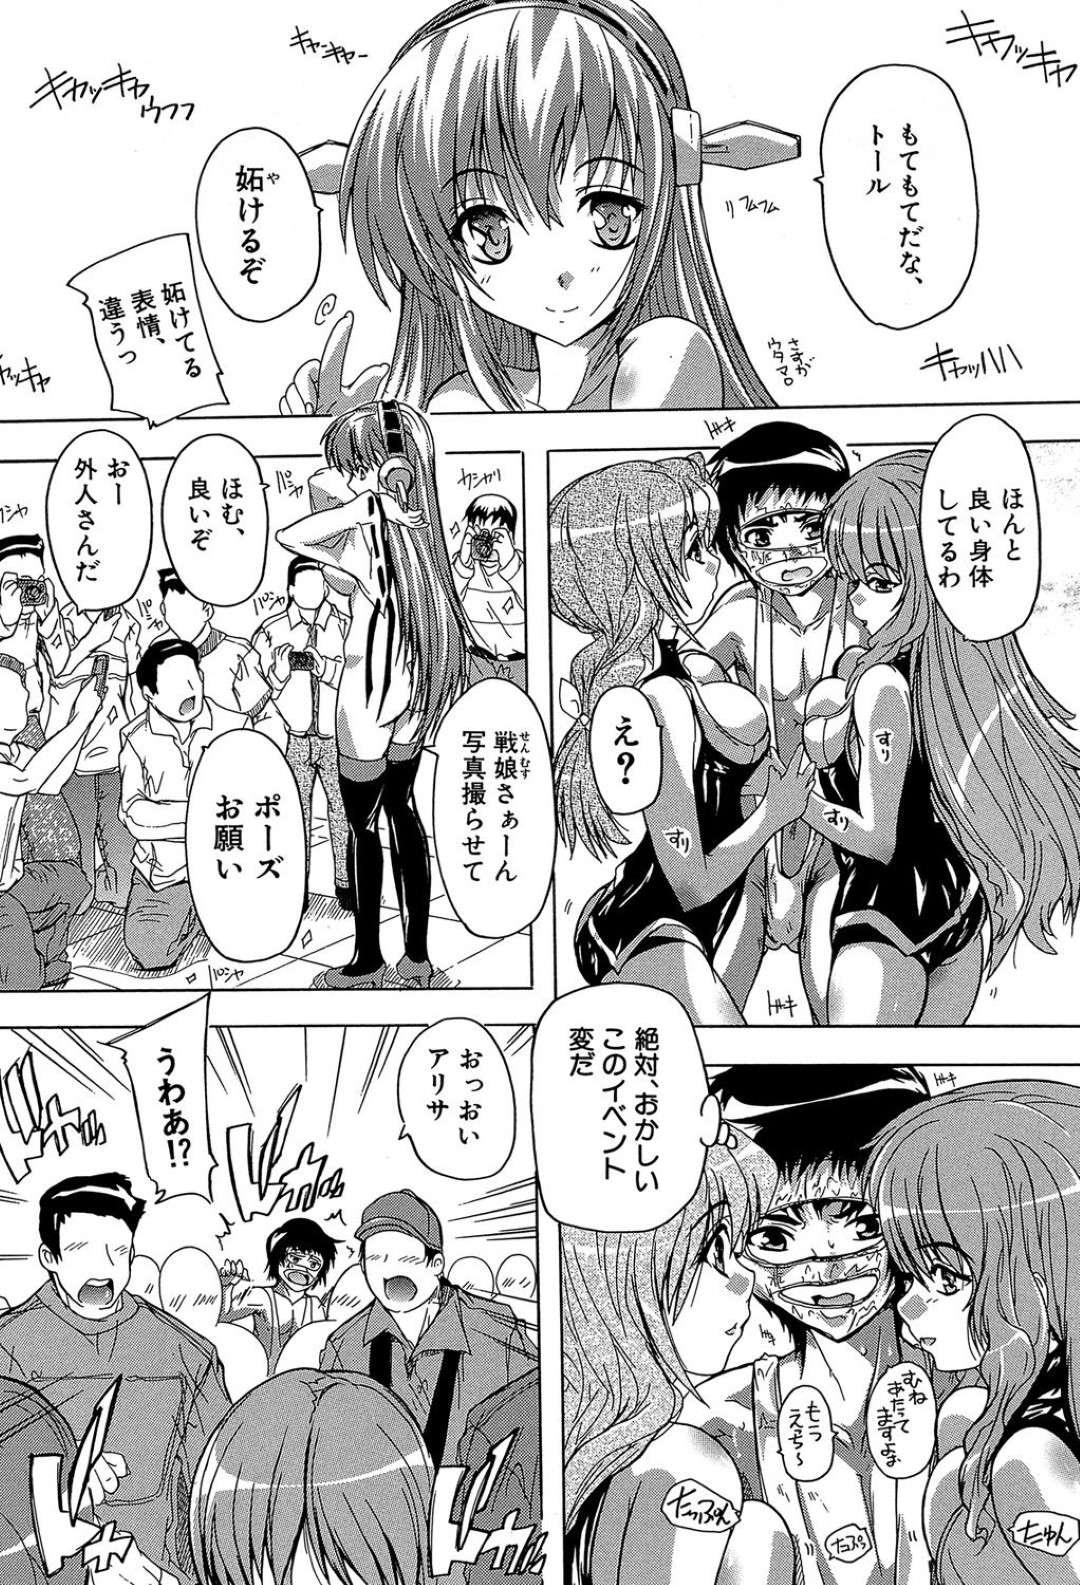 【エロ漫画】前回から久しぶりに大好きな日本にやって来た巨乳外人コスプレイヤー…前回秋葉原で知り合った男性とラブホテルへ直行してセックスしまくり!【奈塚Q弥】